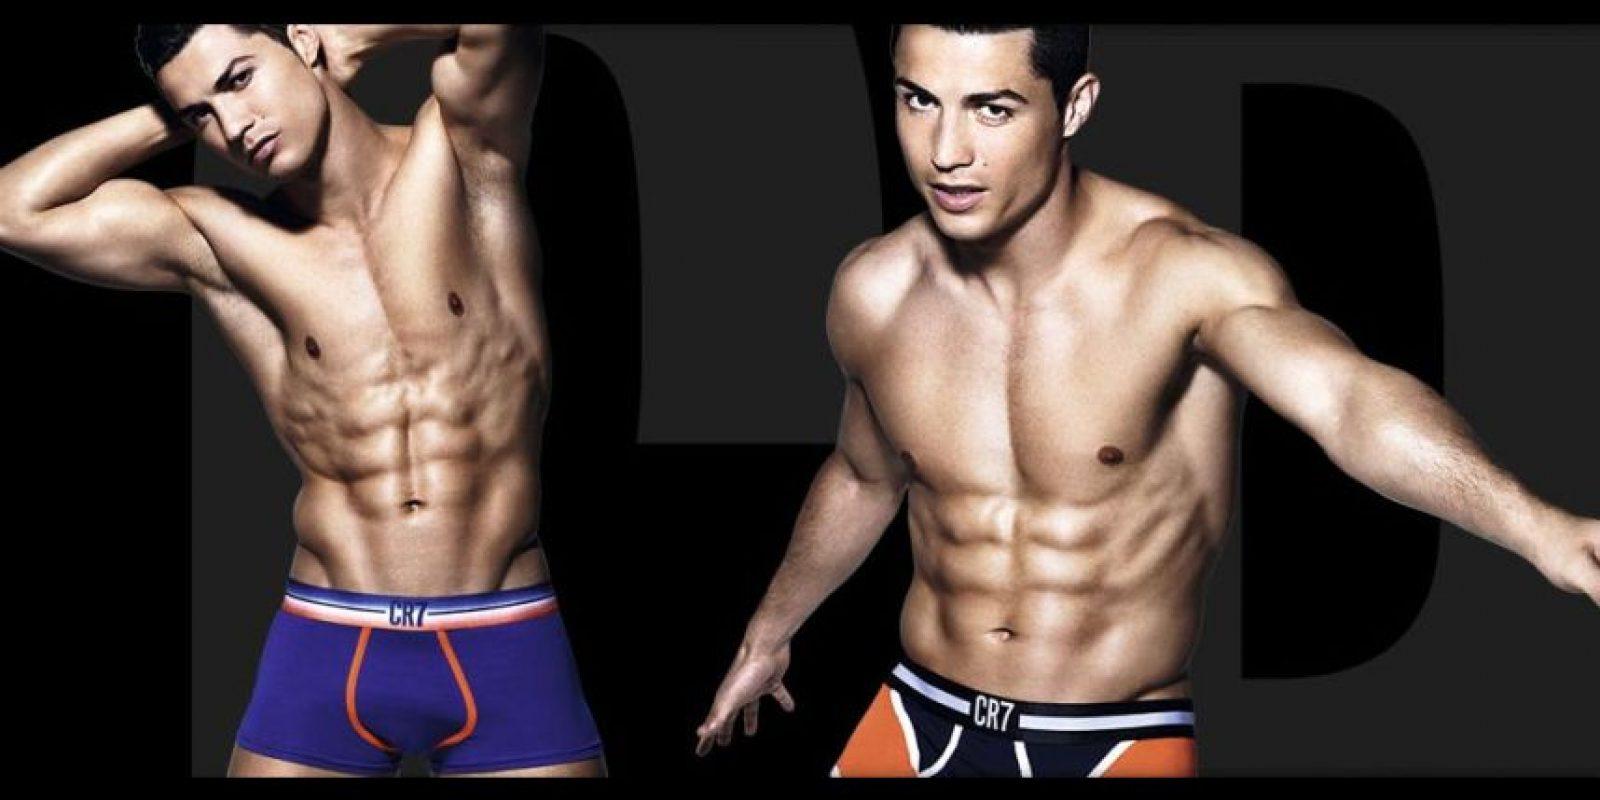 También vende otras prendas, como camisas de 79.95 euros (86 dólares), calcetines de 11.95 euros (13 euros) y leggins para hombre de 39.95 euros (43.44 dólares). Foto:cr7underwear.com